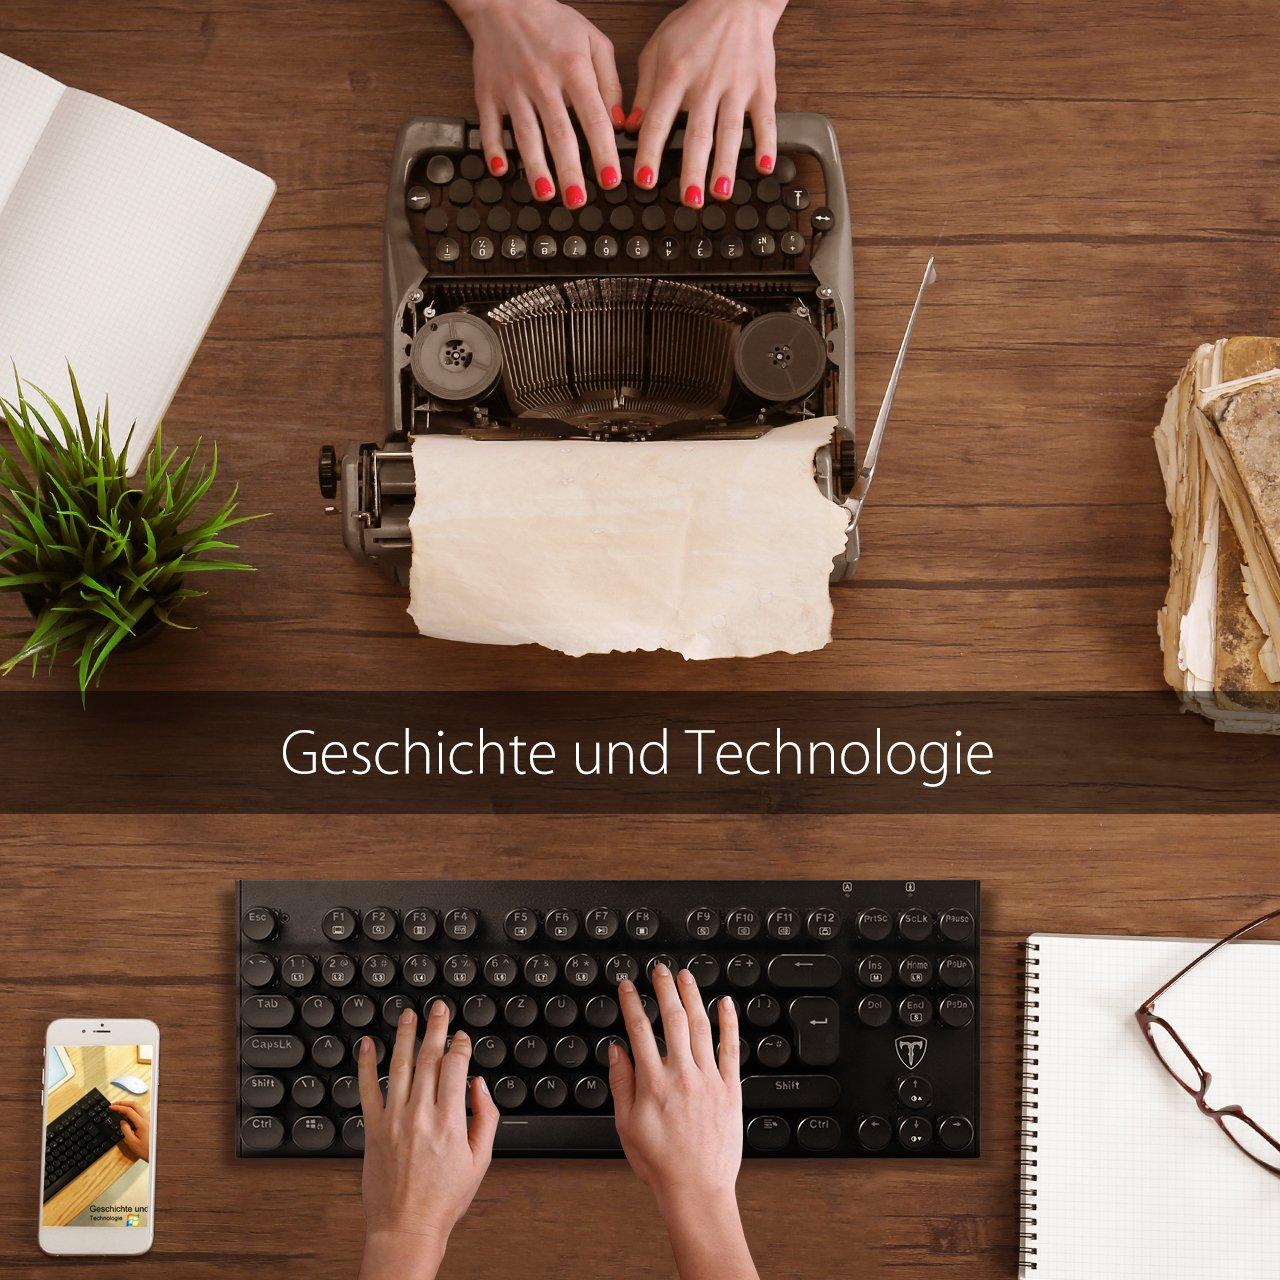 VicTsing - Máquina de Escribir de Estilo mecánica Teclado, 87 Teclas con disposición QWERTZ Multimedia experimentar Teclas de función para Gamer, bolígrafo, ...